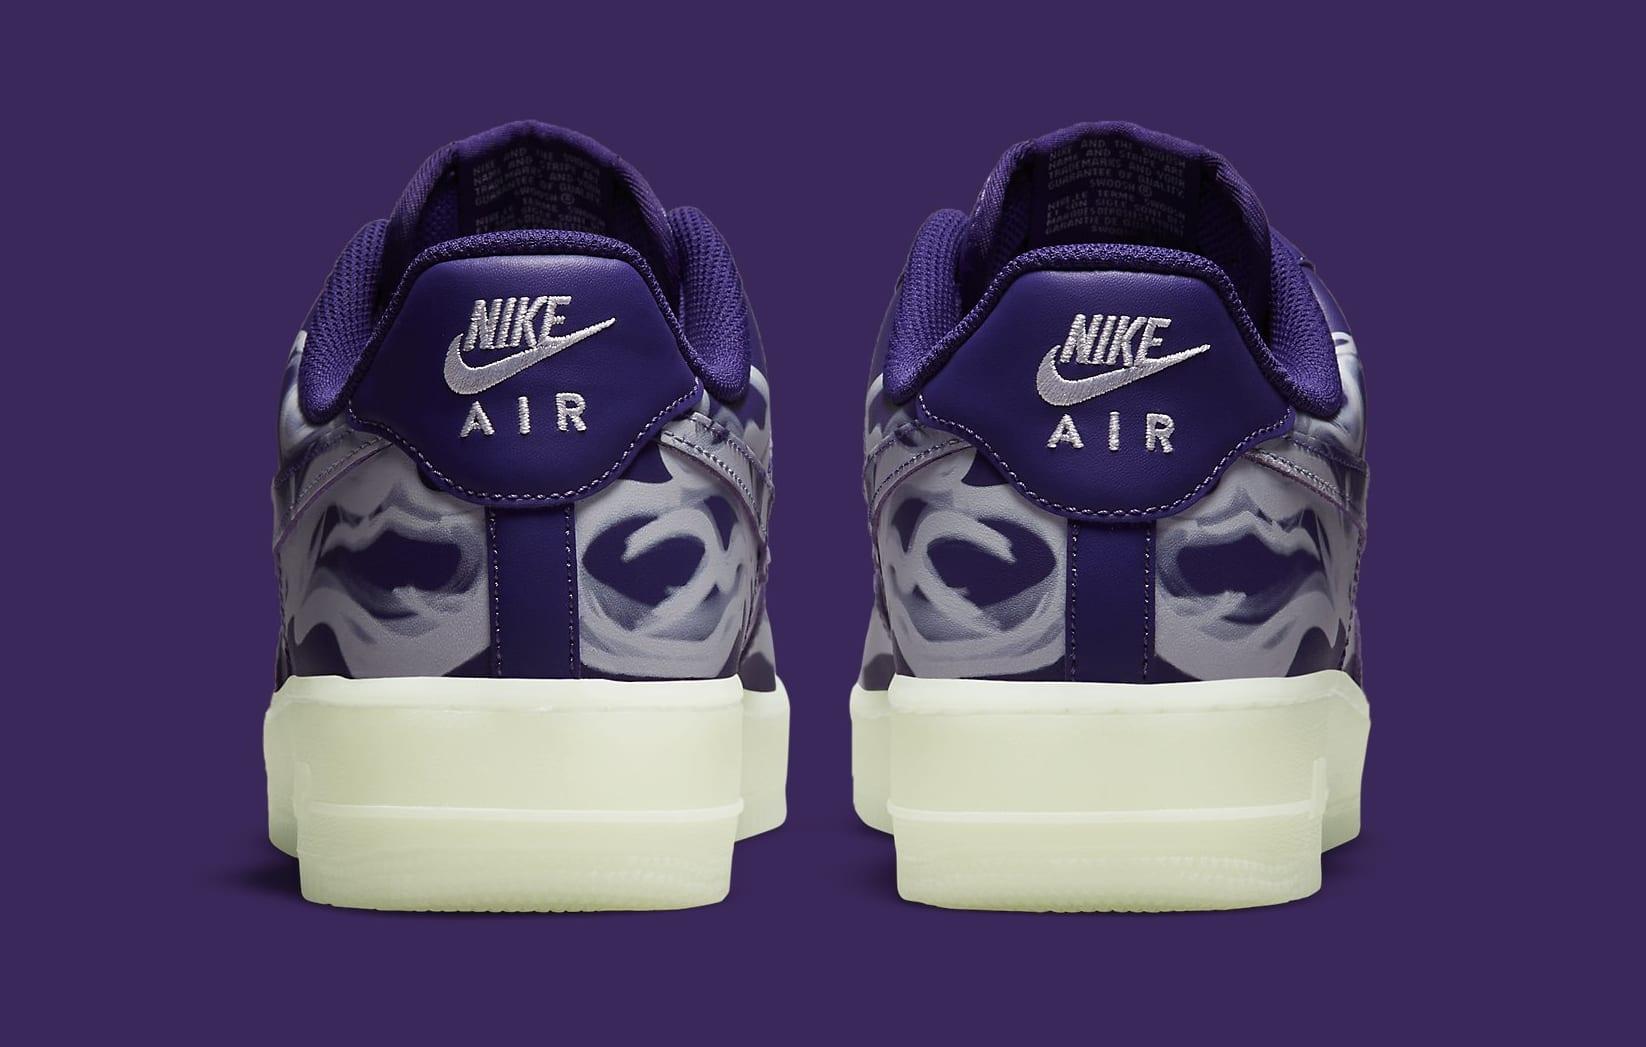 Nike Air Force 1 Low 'Purple Skeleton' CU8067-500 Heel